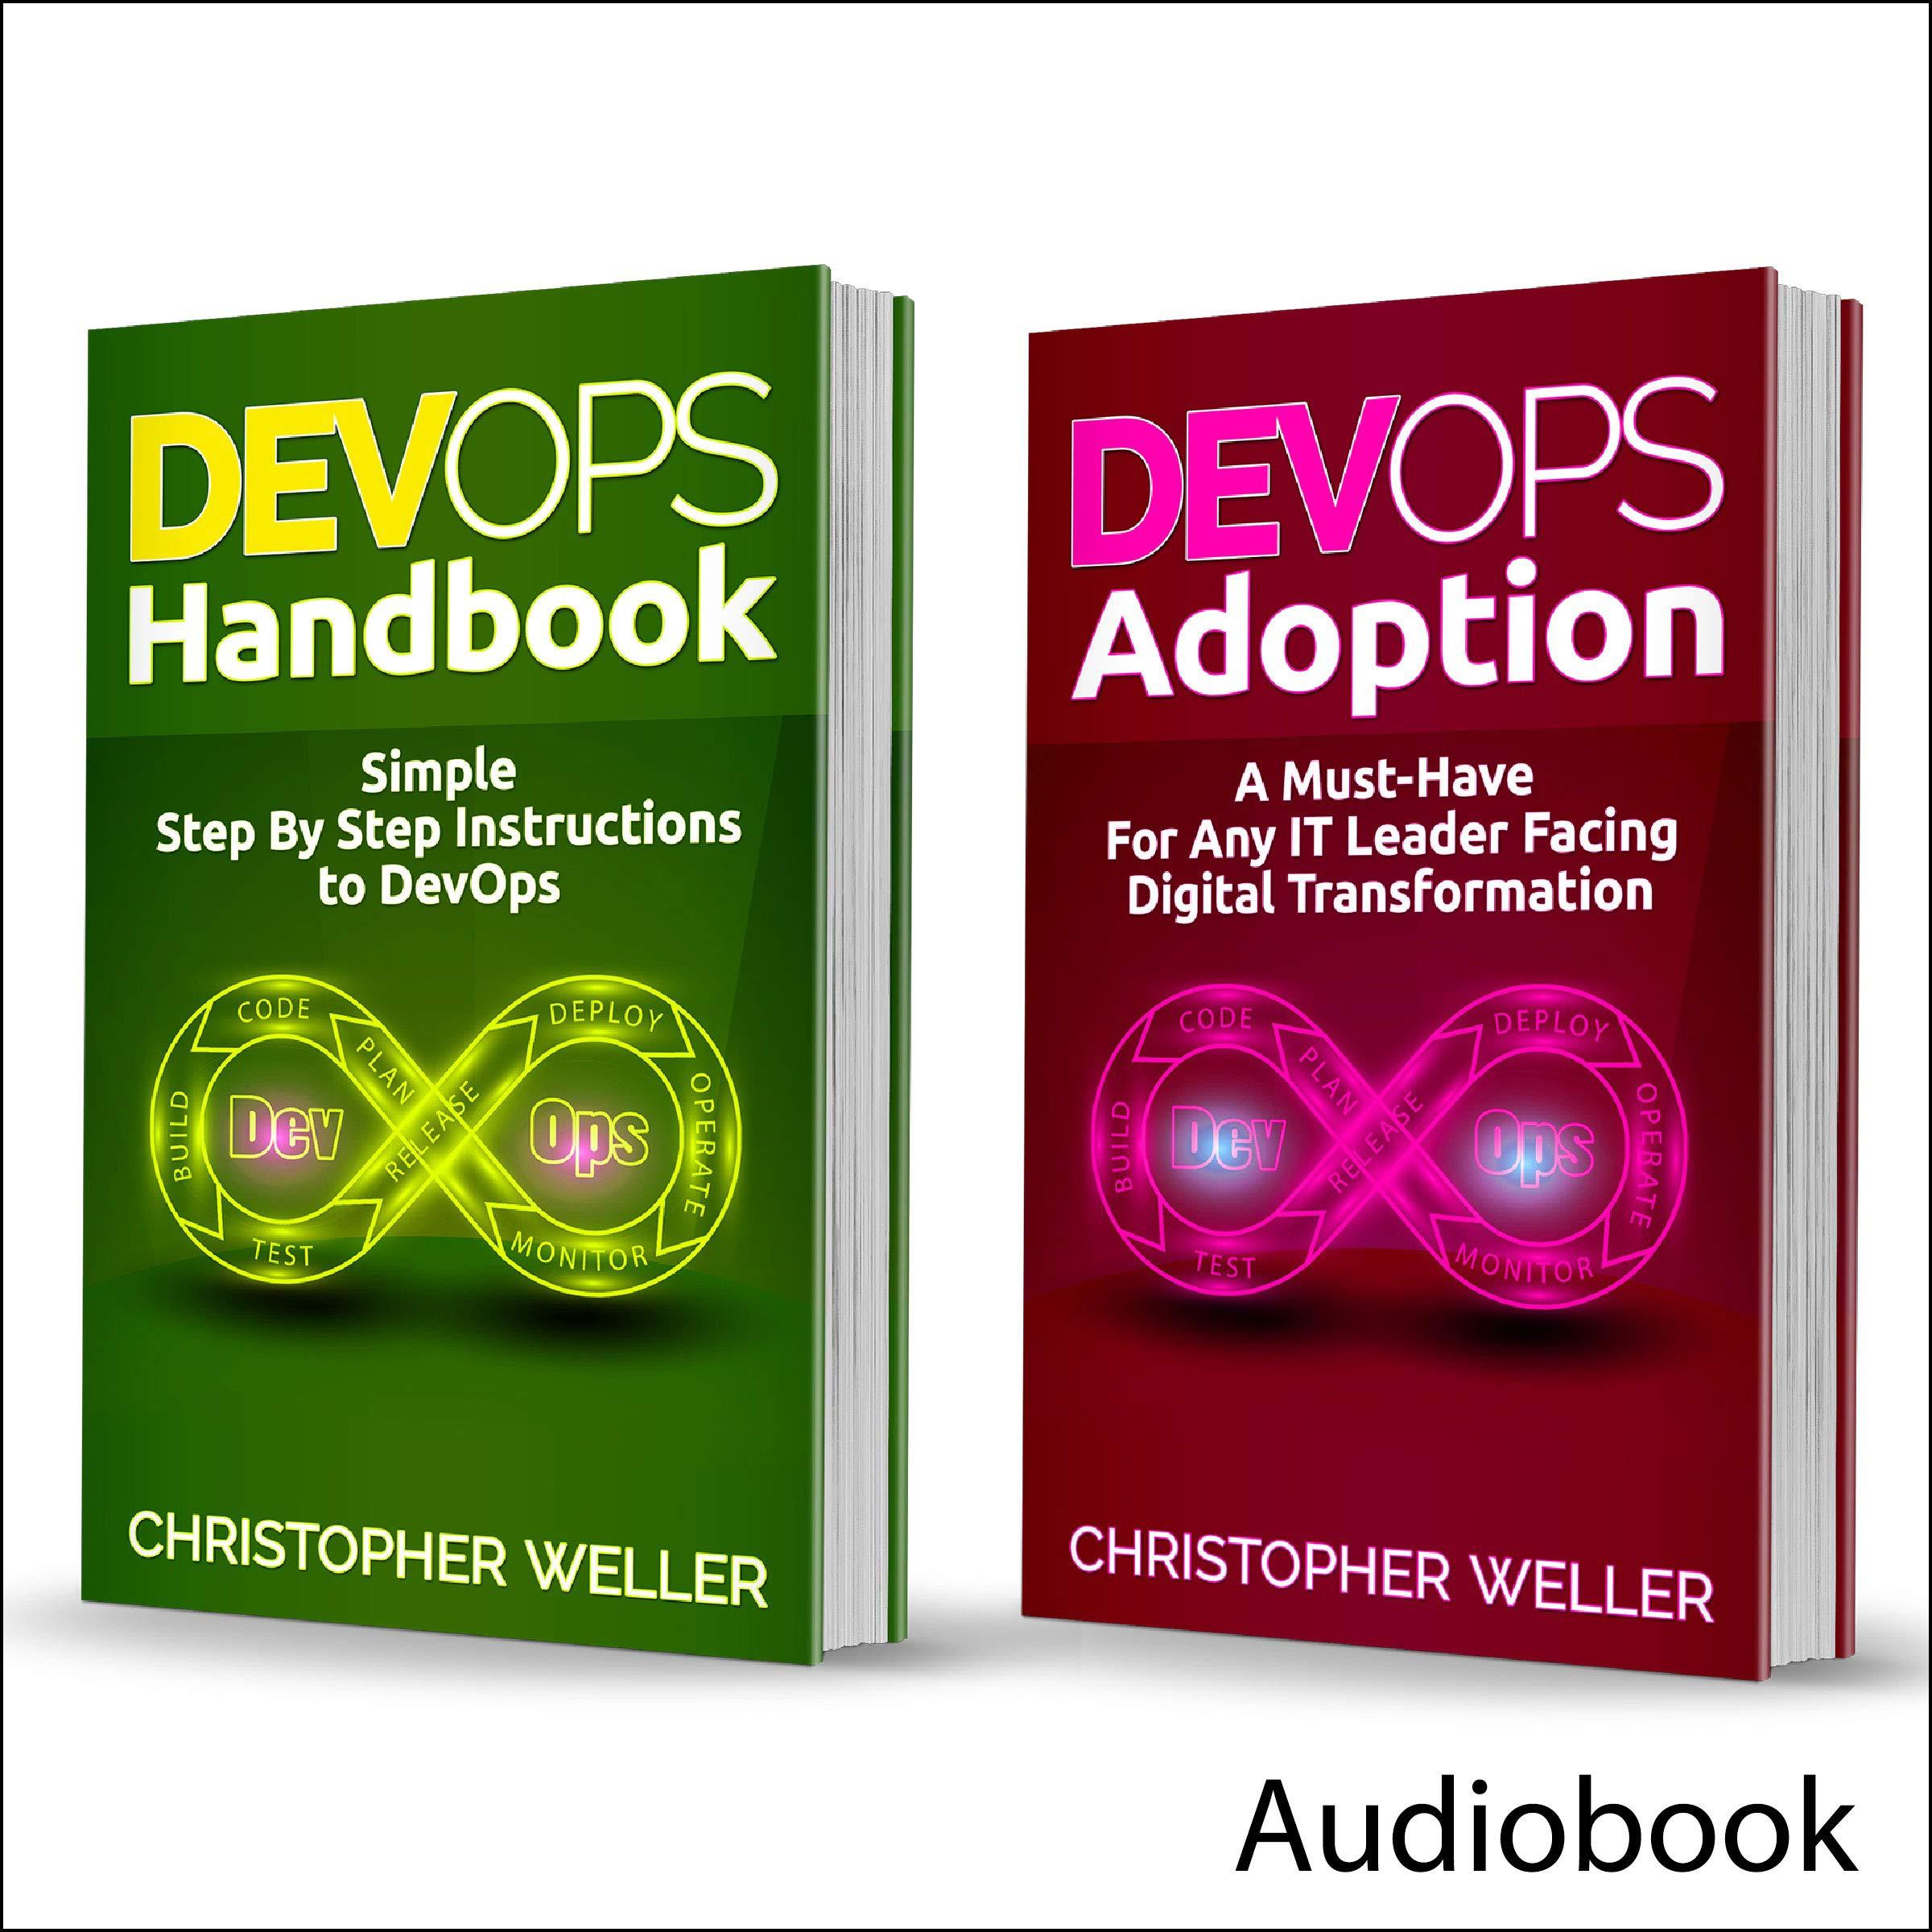 DevOps: 2 Manuscripts - DevOps Handbook and DevOps Adoption